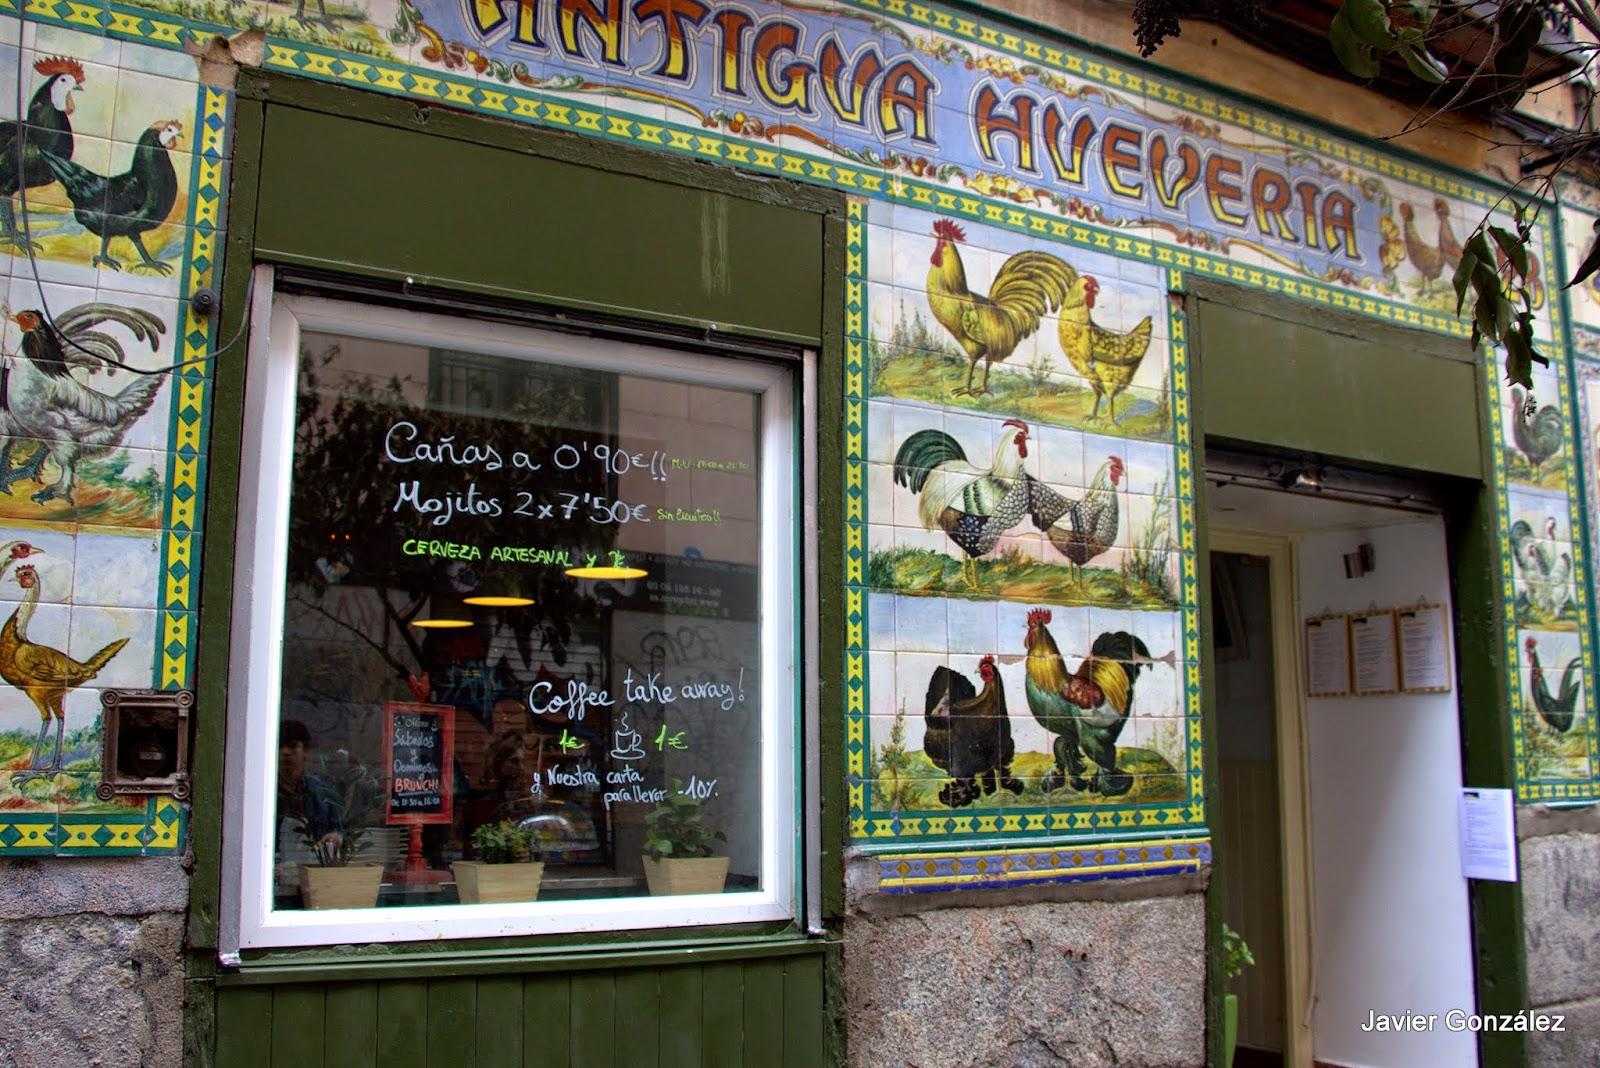 Restaurante. Azulejos fachada pintados.